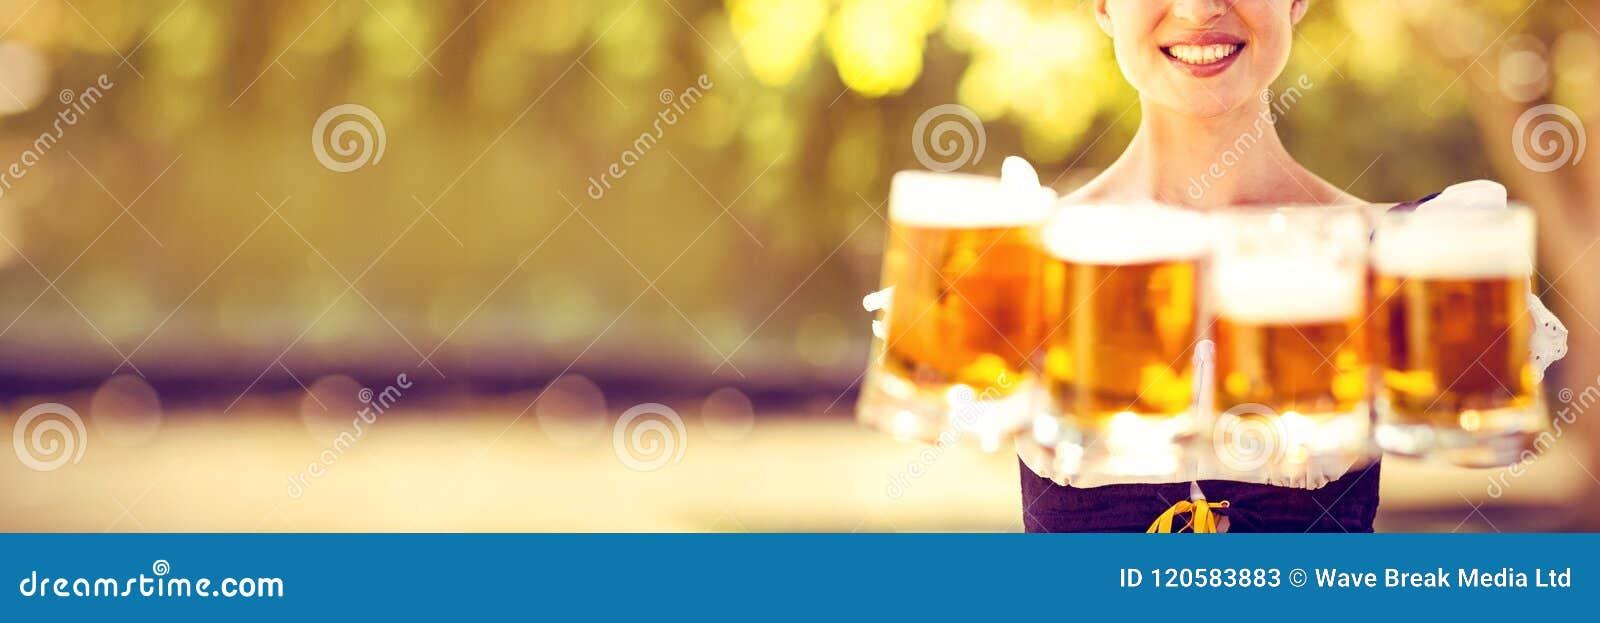 Las cervezas que se sostienen rubias bastante más oktoberfest